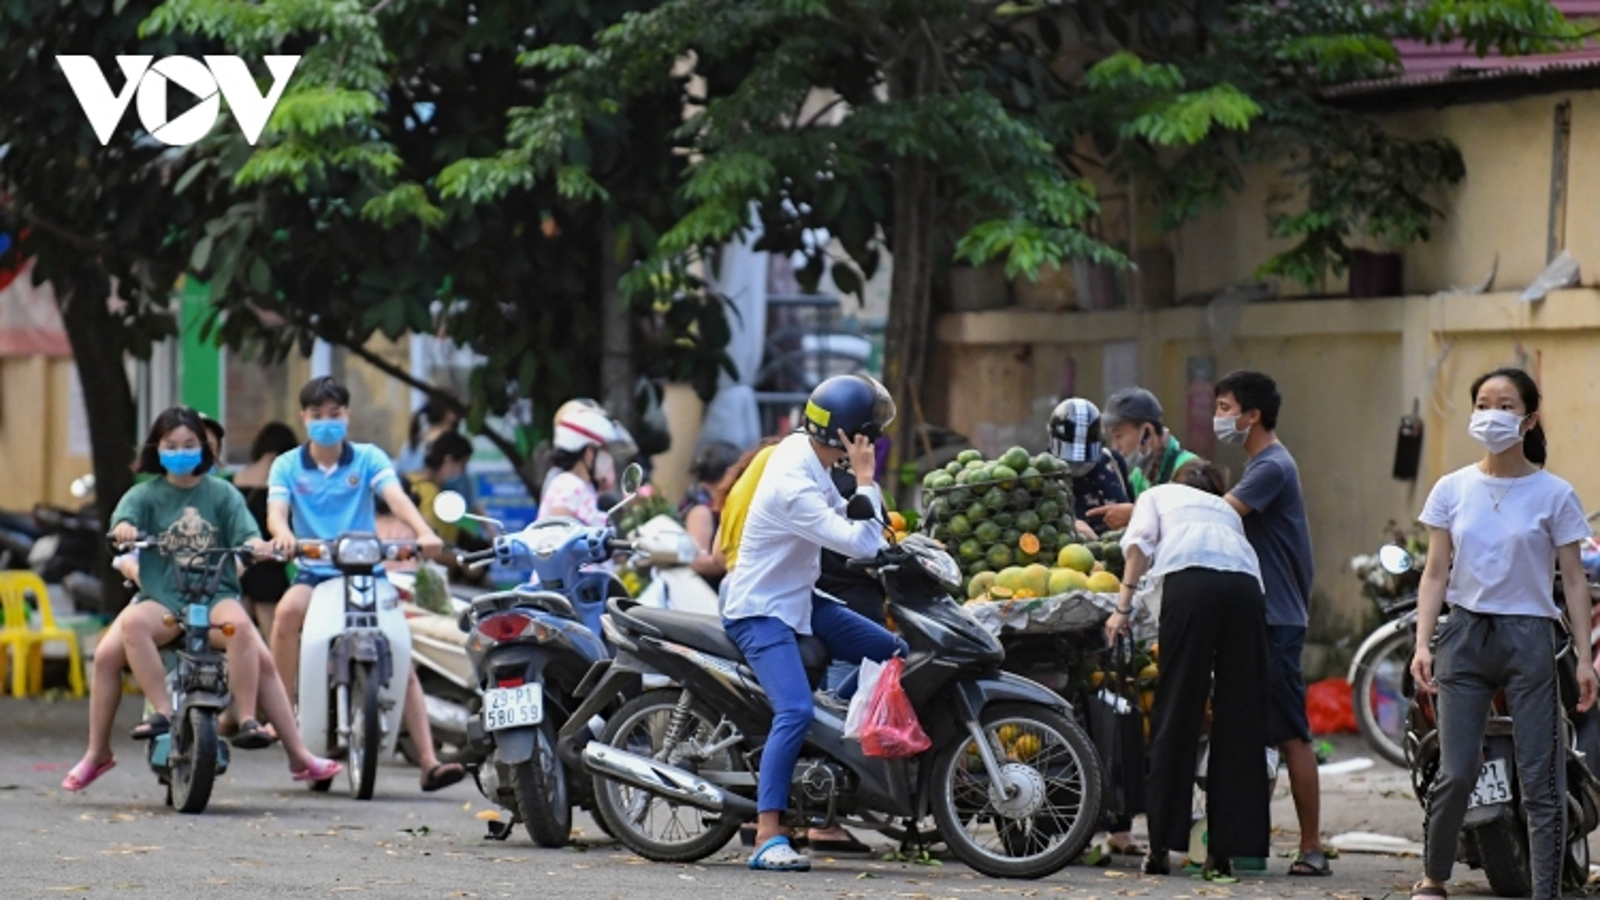 """Dịch Covid-19 diễn biến phức tạp, nhiều chợ """"cóc"""" ở Hà Nội vẫn hoạt động tấp nập"""